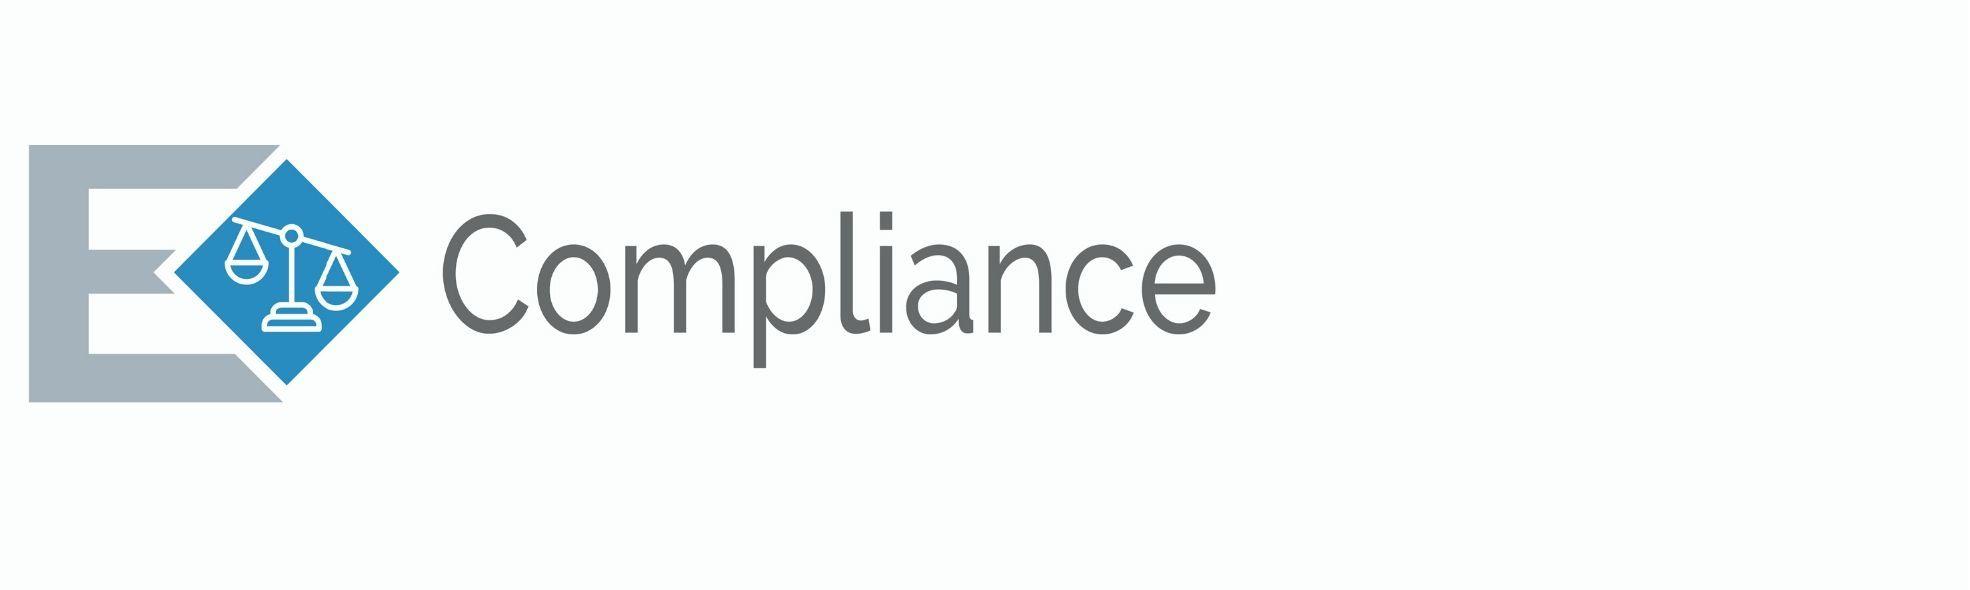 compliance-aus-heinsberg-ueber-die-euregio-im-gesamten-bundesgebiet